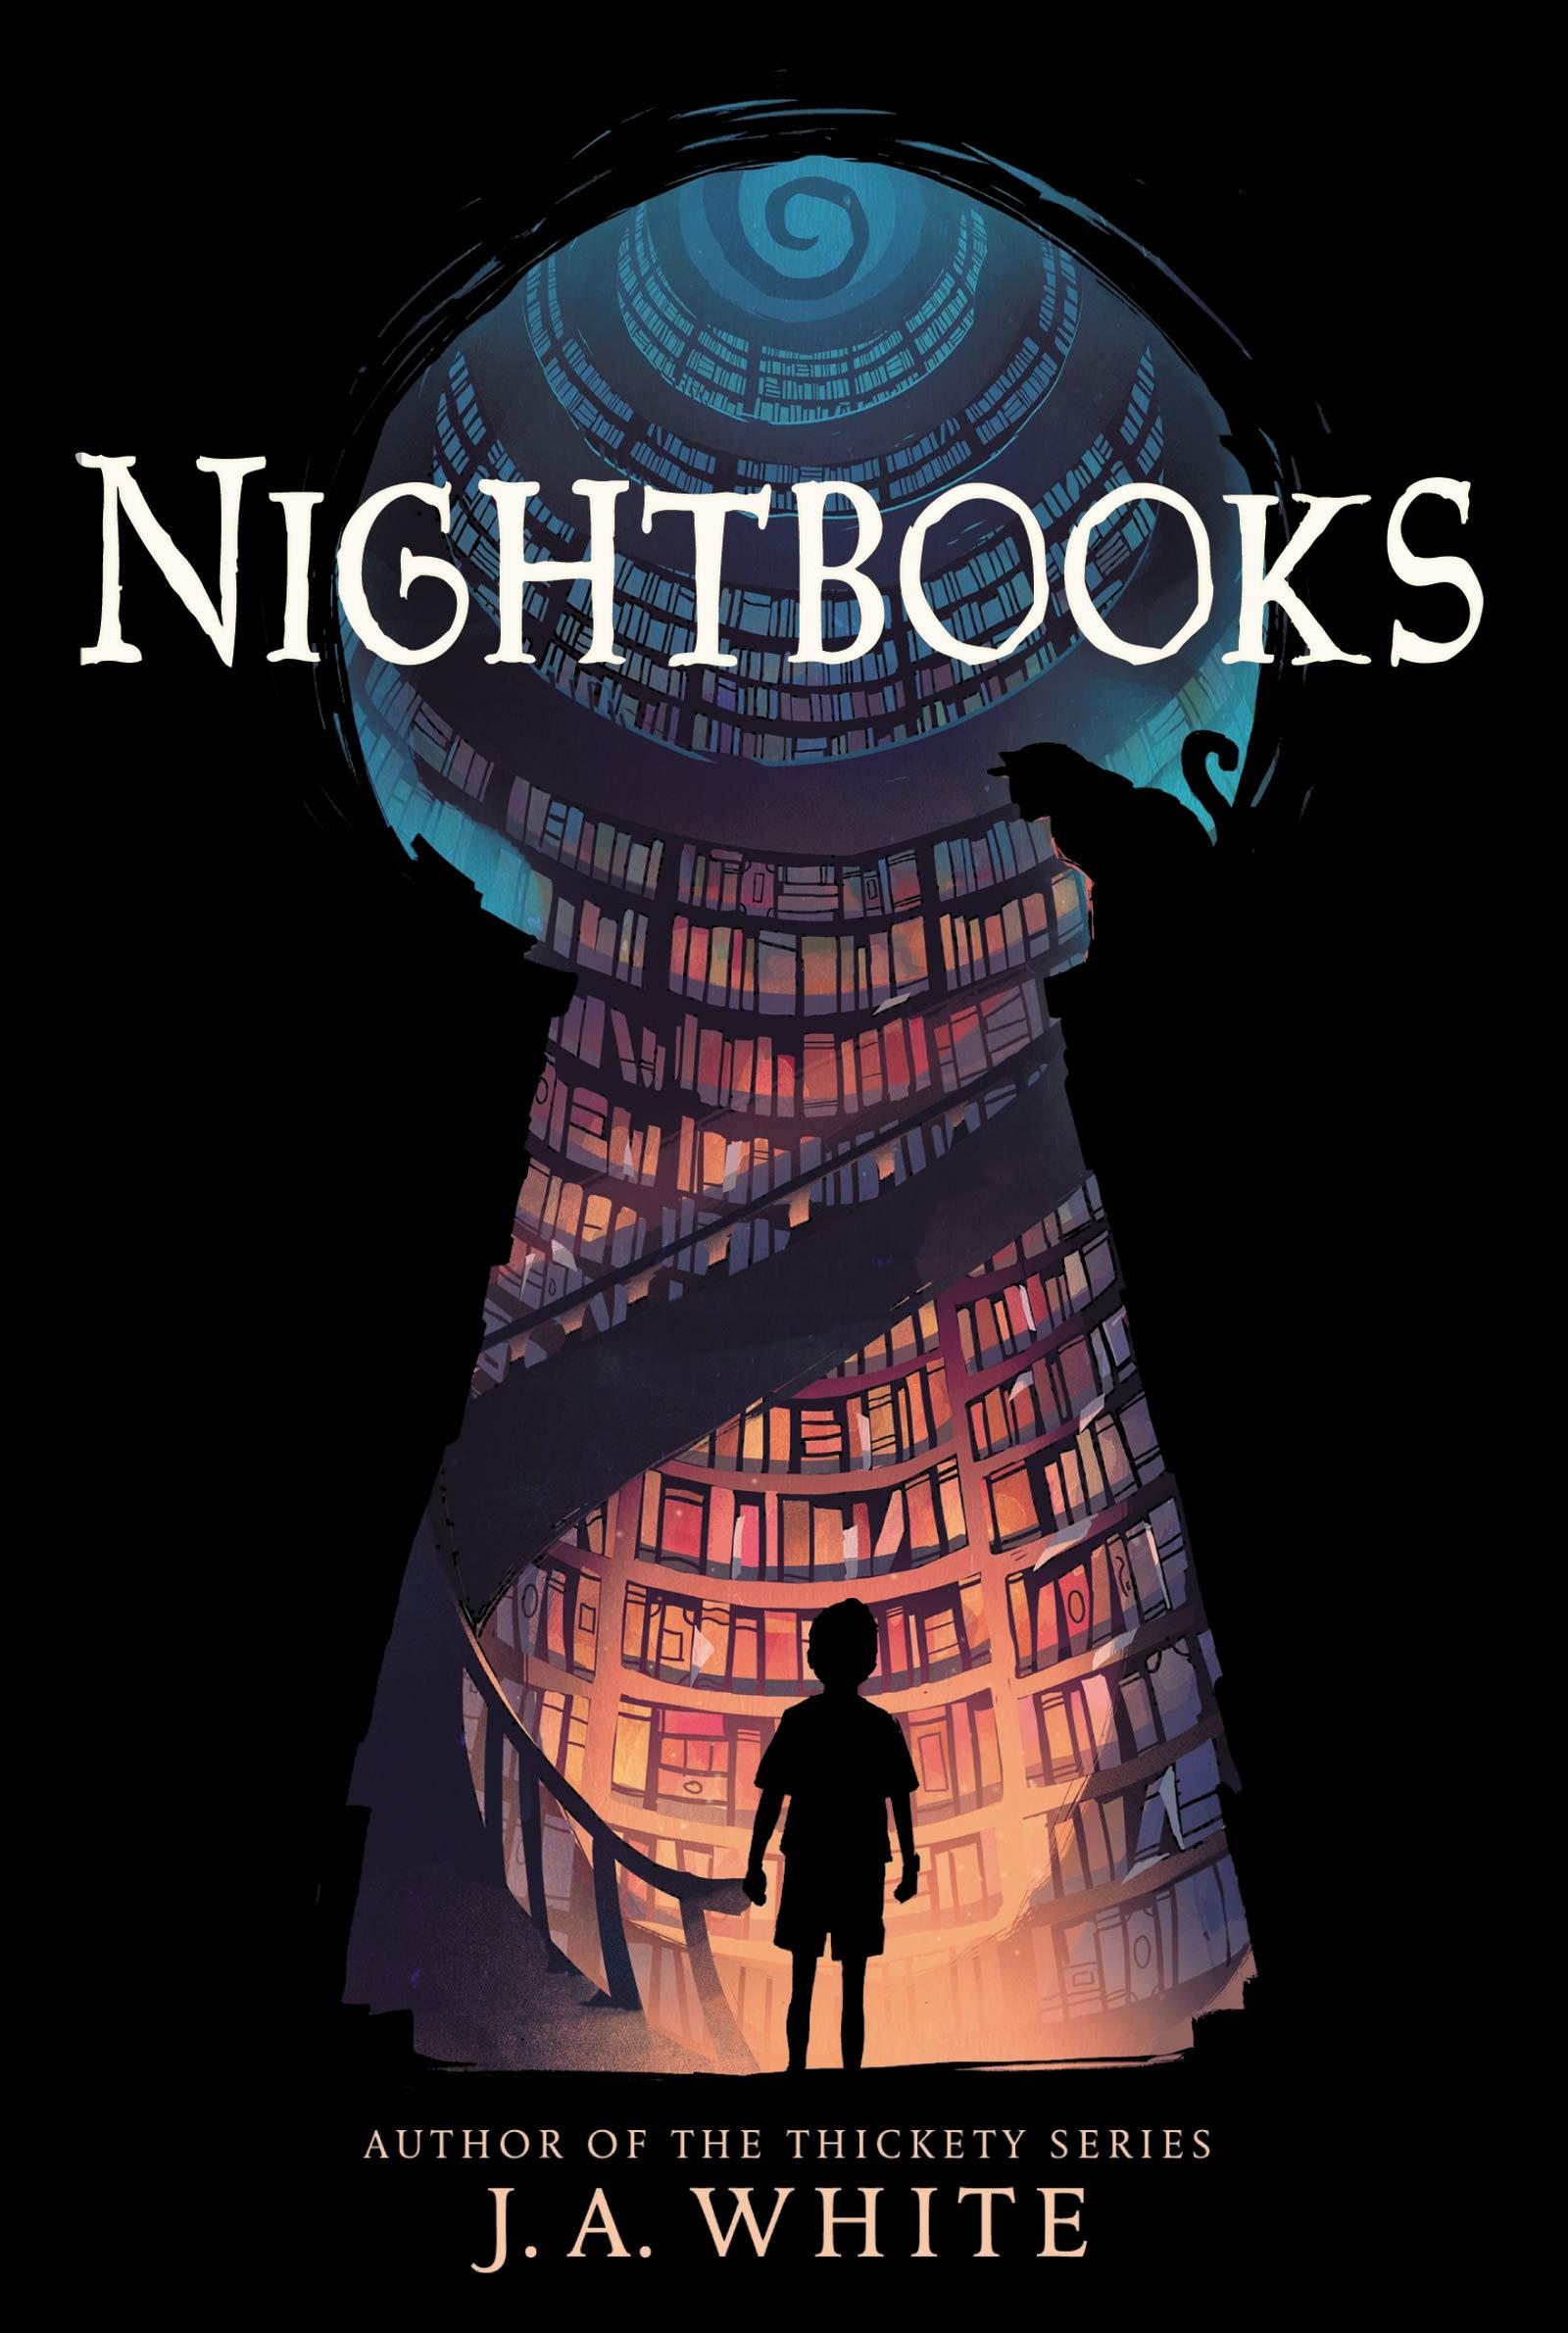 Download pelo celular Nightbooks Qualidade boa